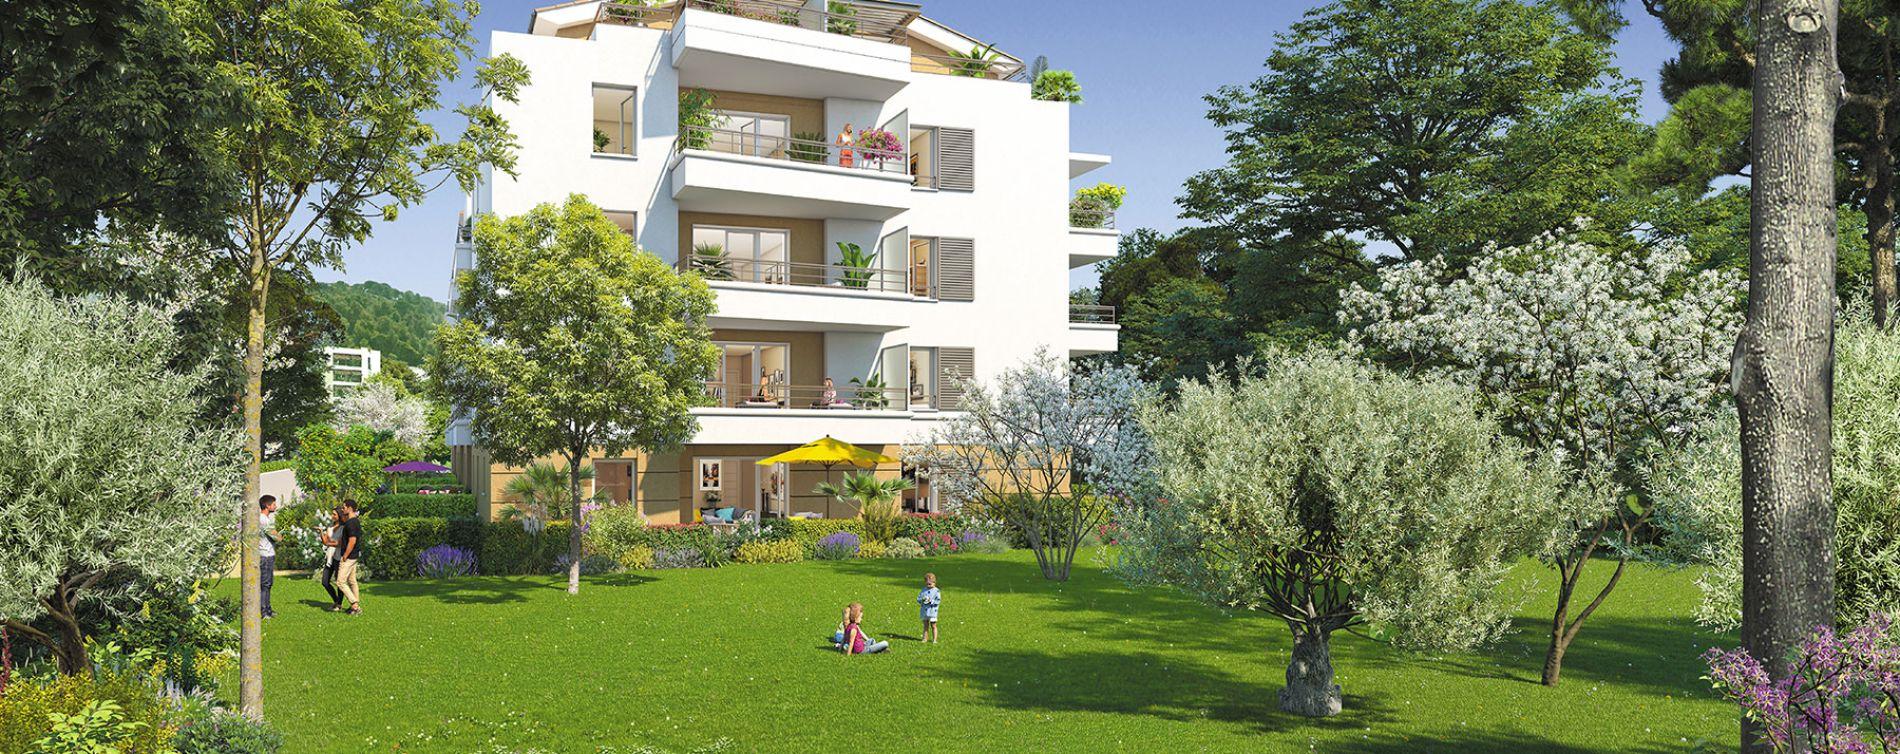 Résidence Jardin d'Eté à Toulon